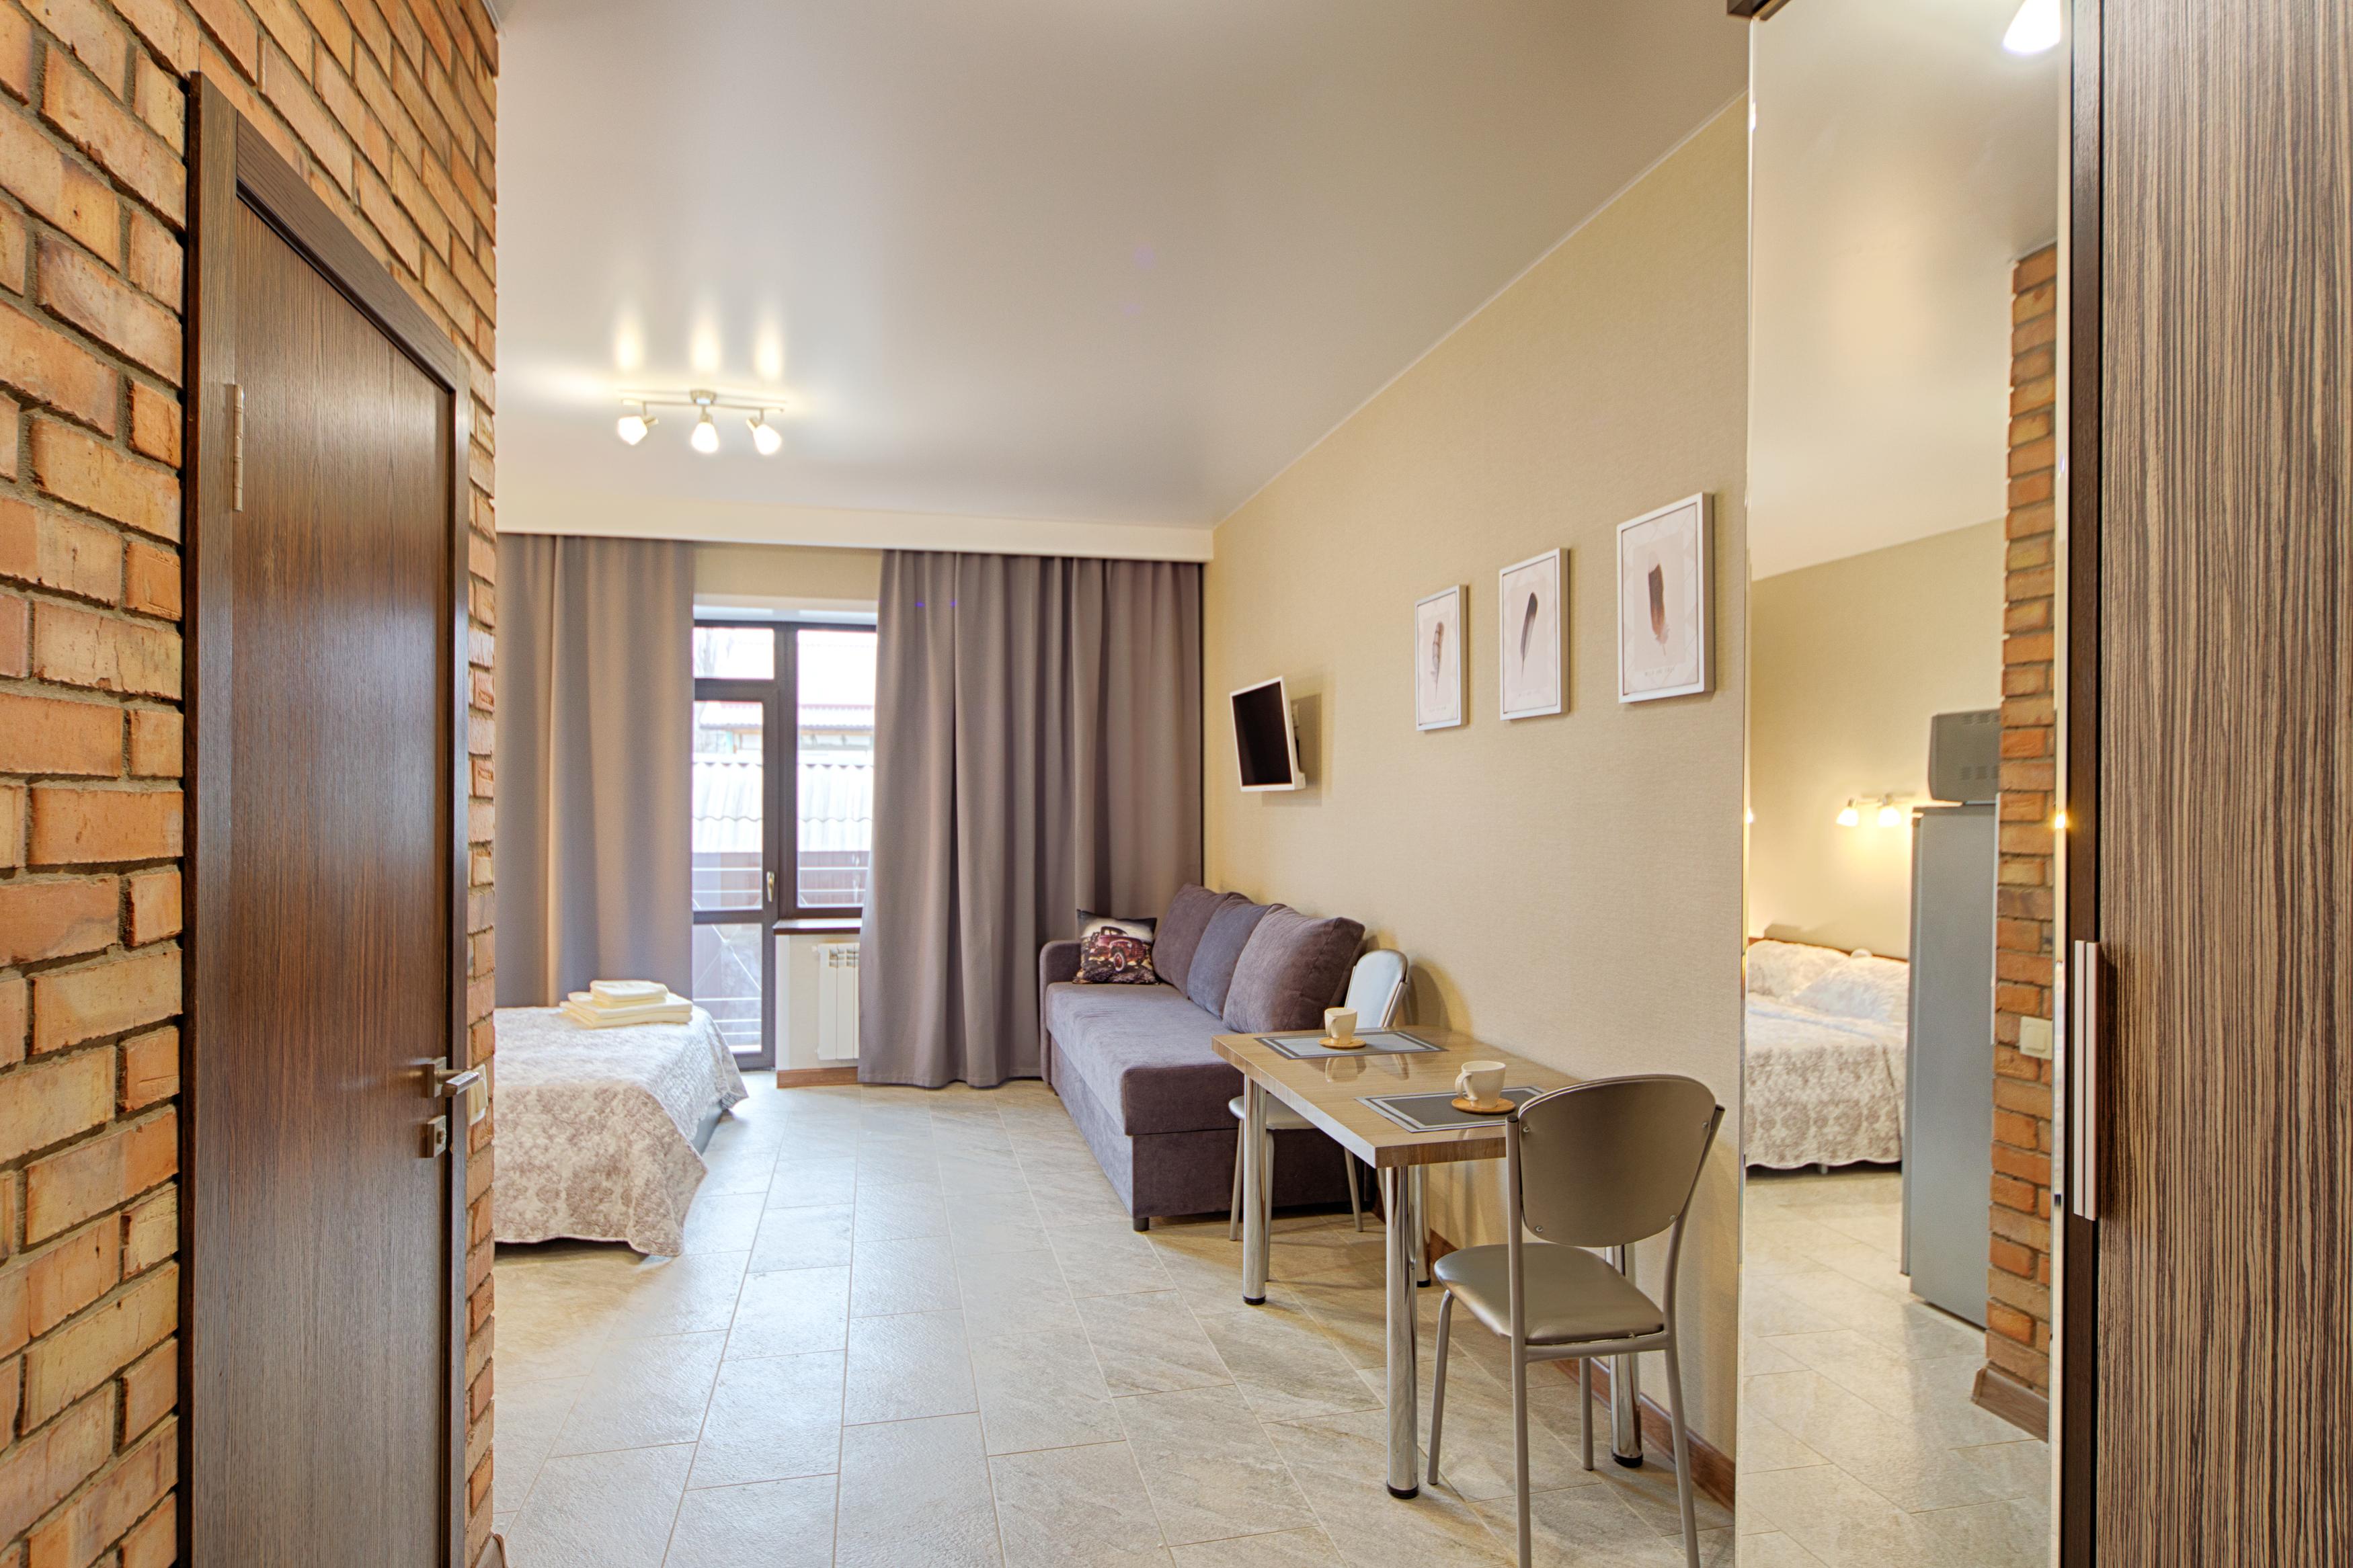 Апартаменты 213 воронеж арабские эмираты недвижимость